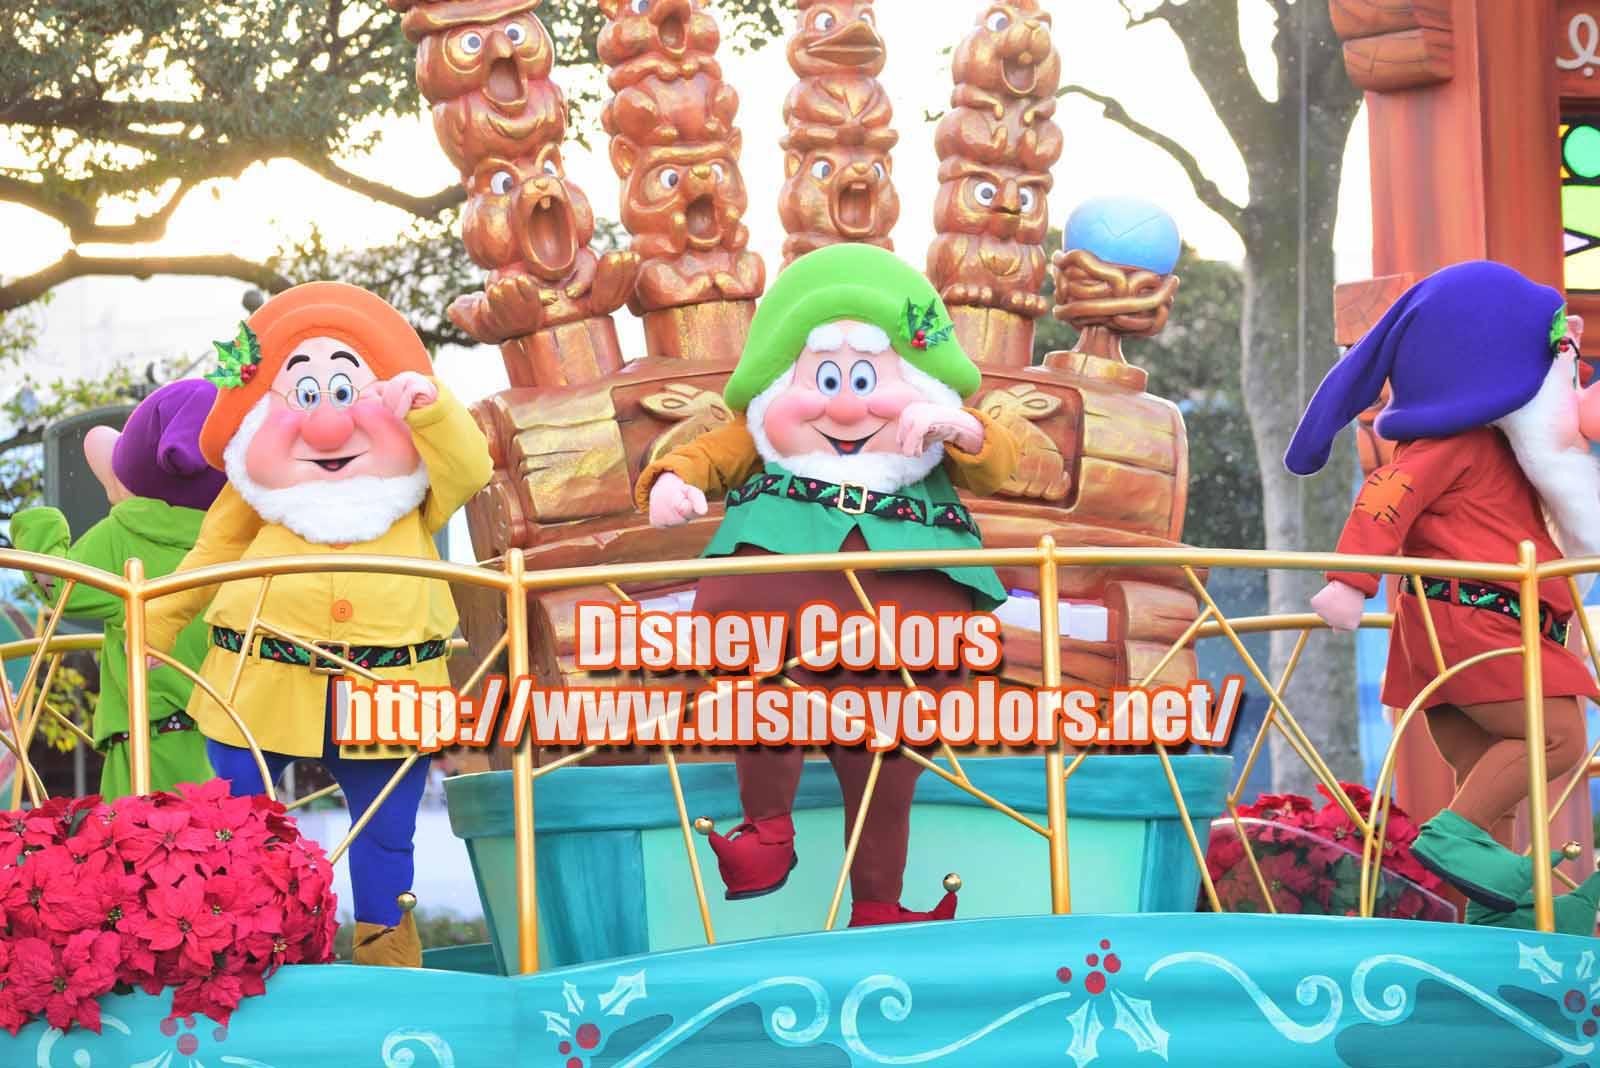 ディズニー・クリスマス・ストーリーズ2019 白雪姫 七人のこびと